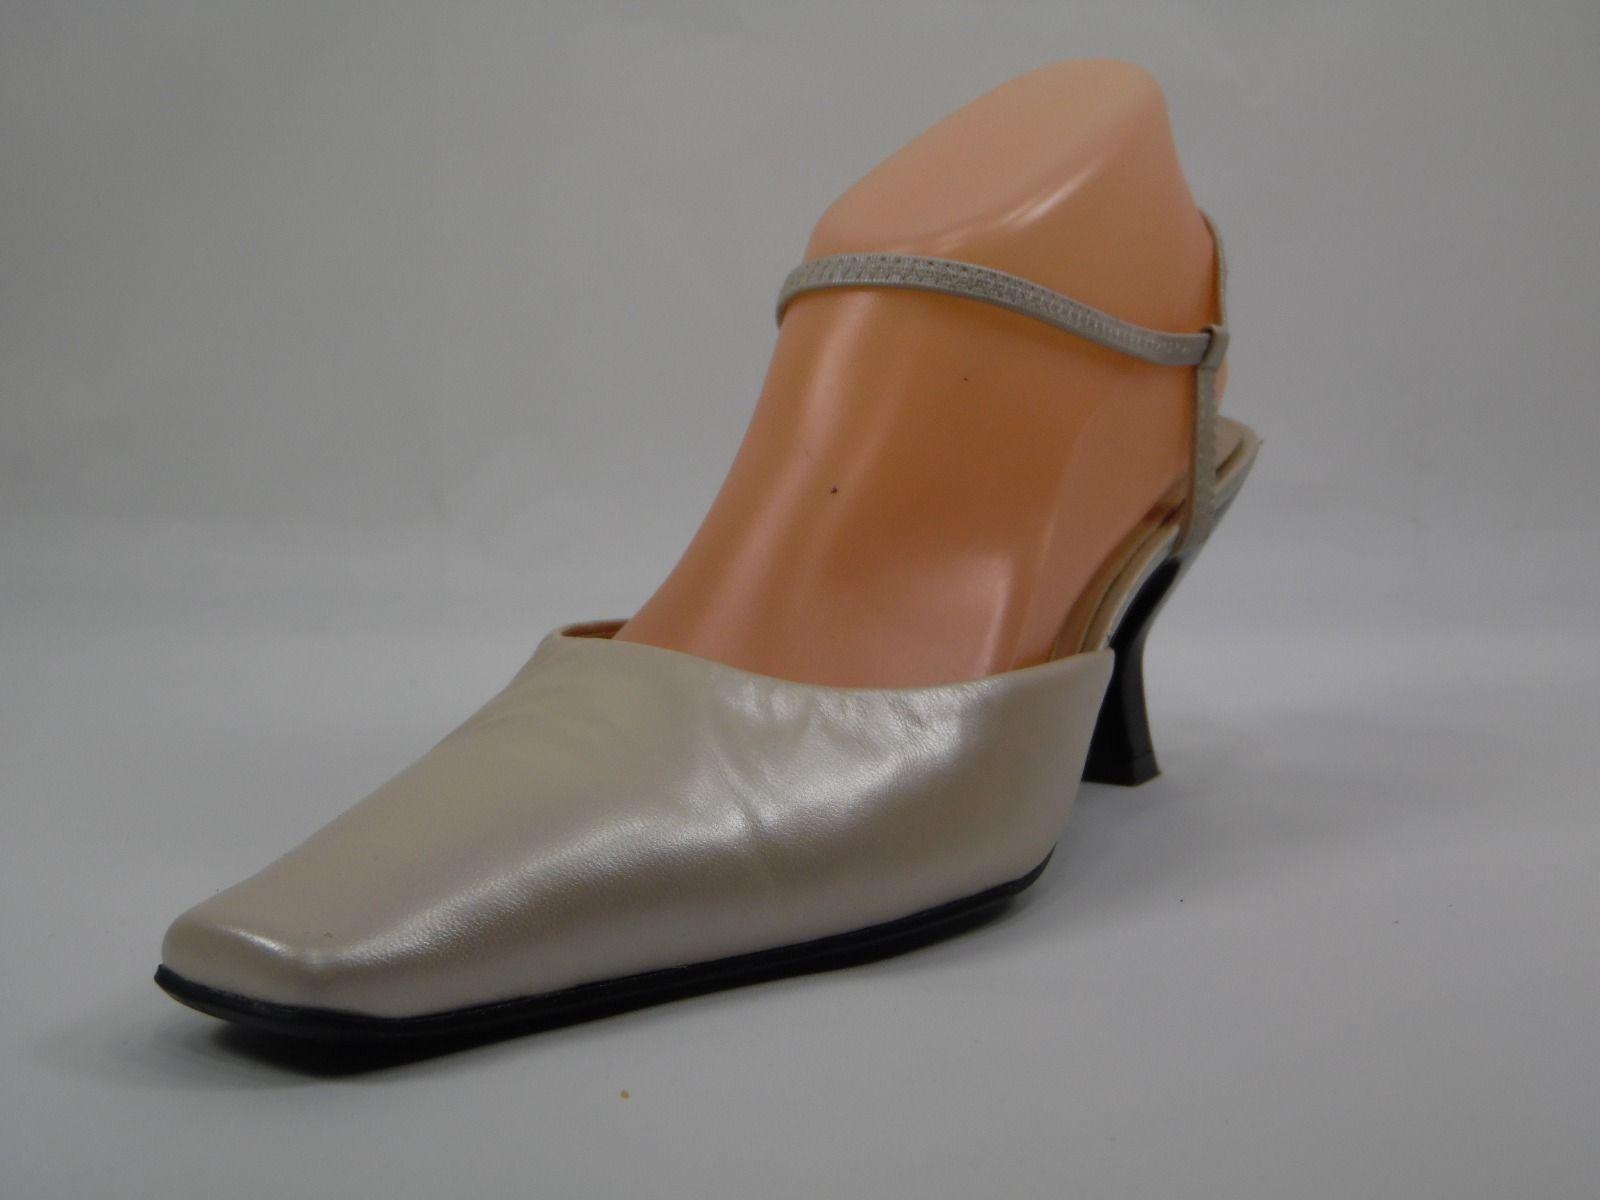 edf690b4e3 S l1600. S l1600. Previous. Villager a Liz Claiborne Company Sandals Closed  Toe Strappy Heels Beidge 10M